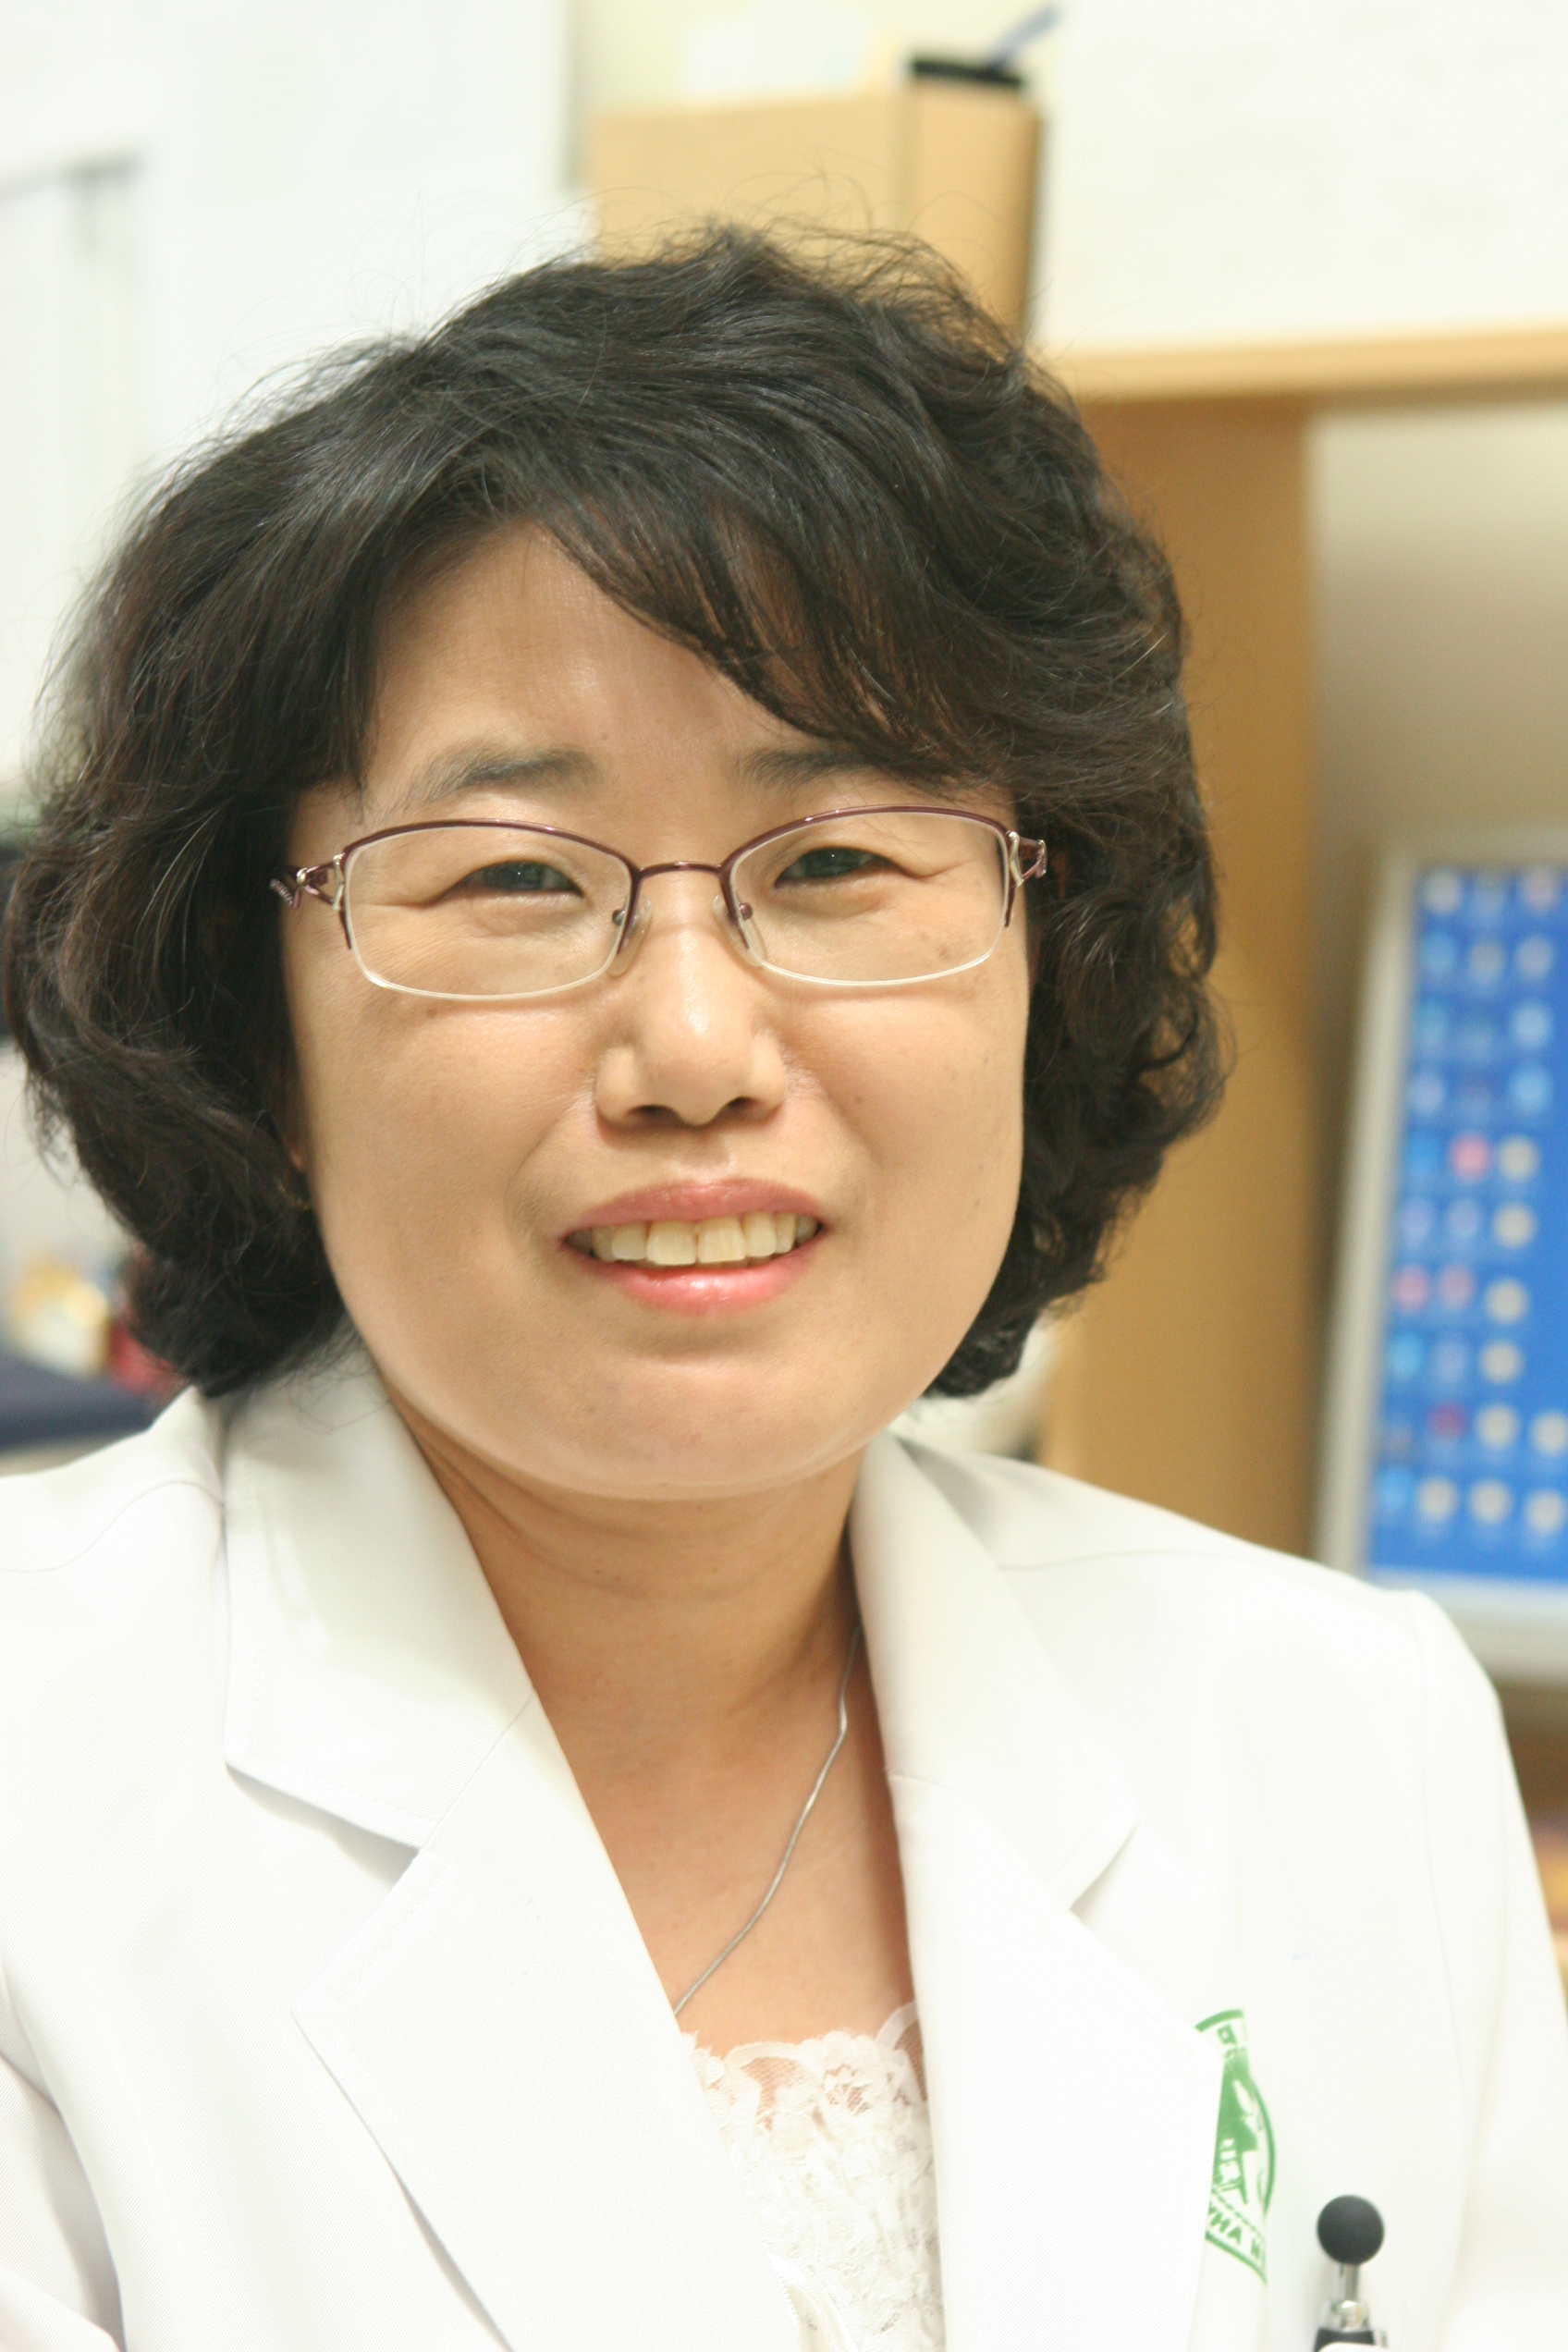 이미애 교수